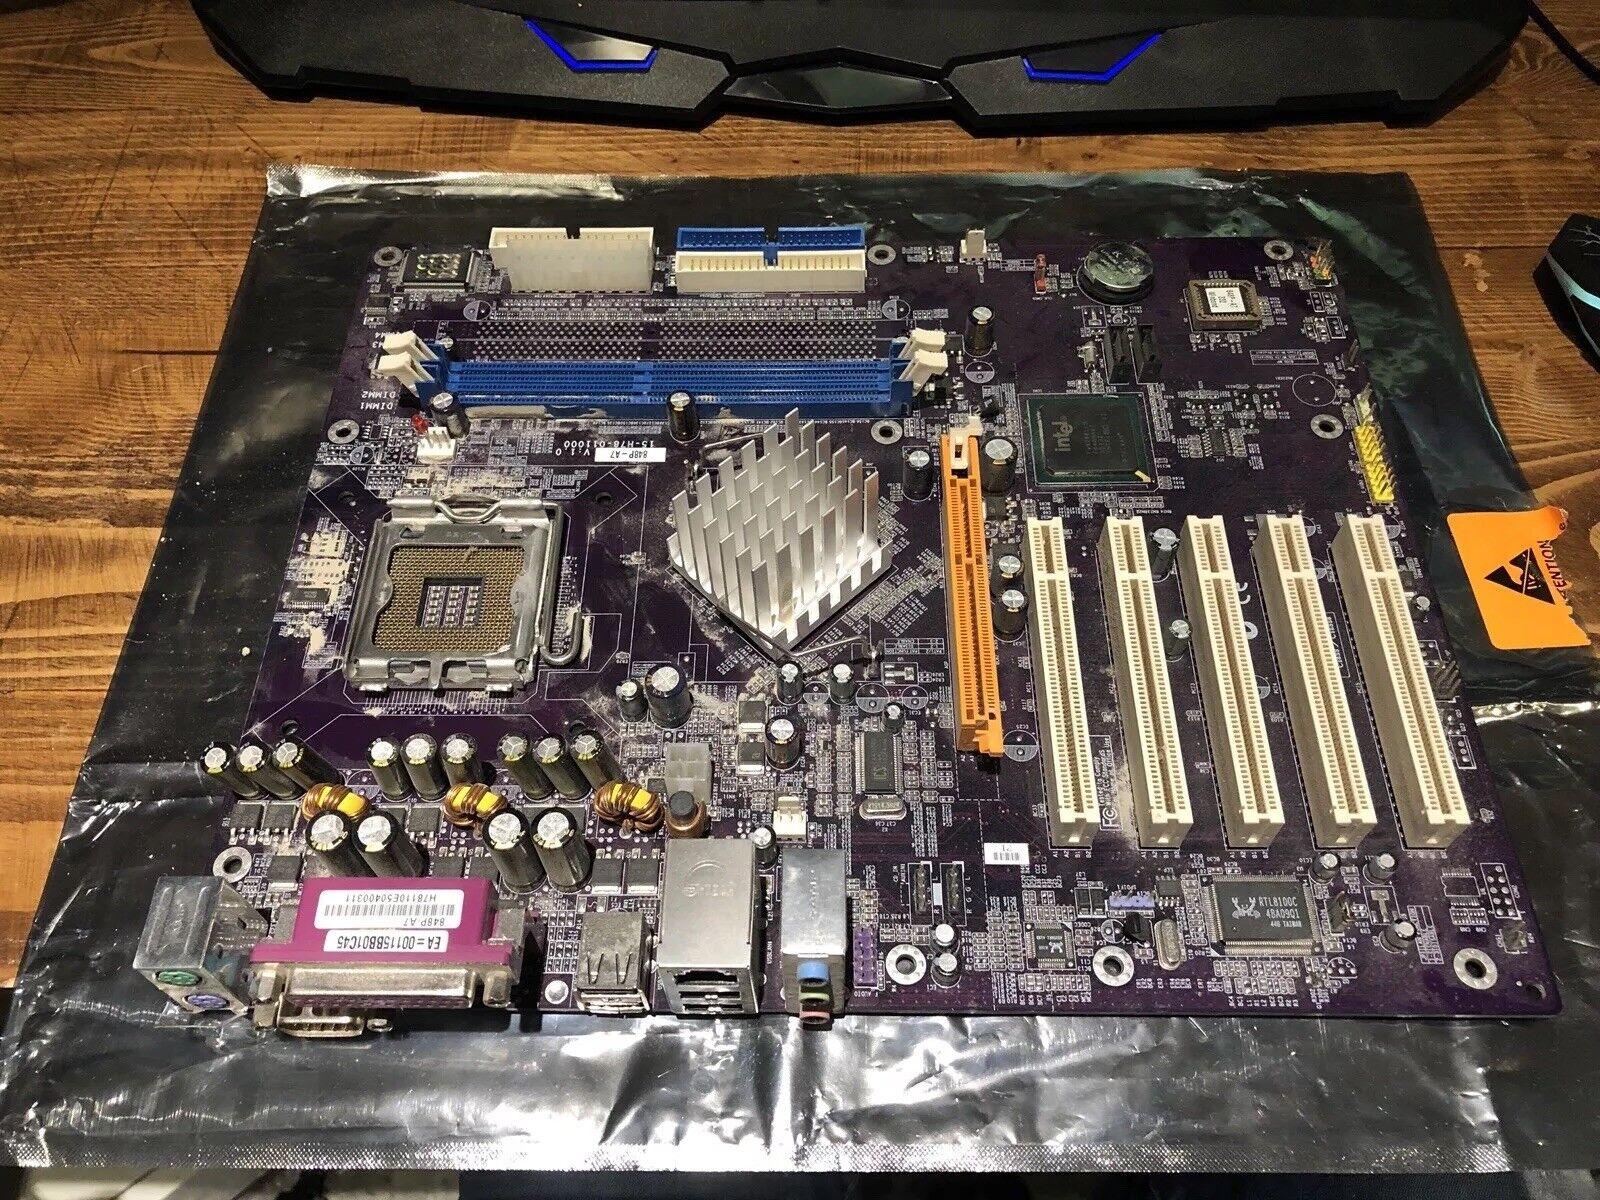 Motherboard ecs driver p4m800-m7